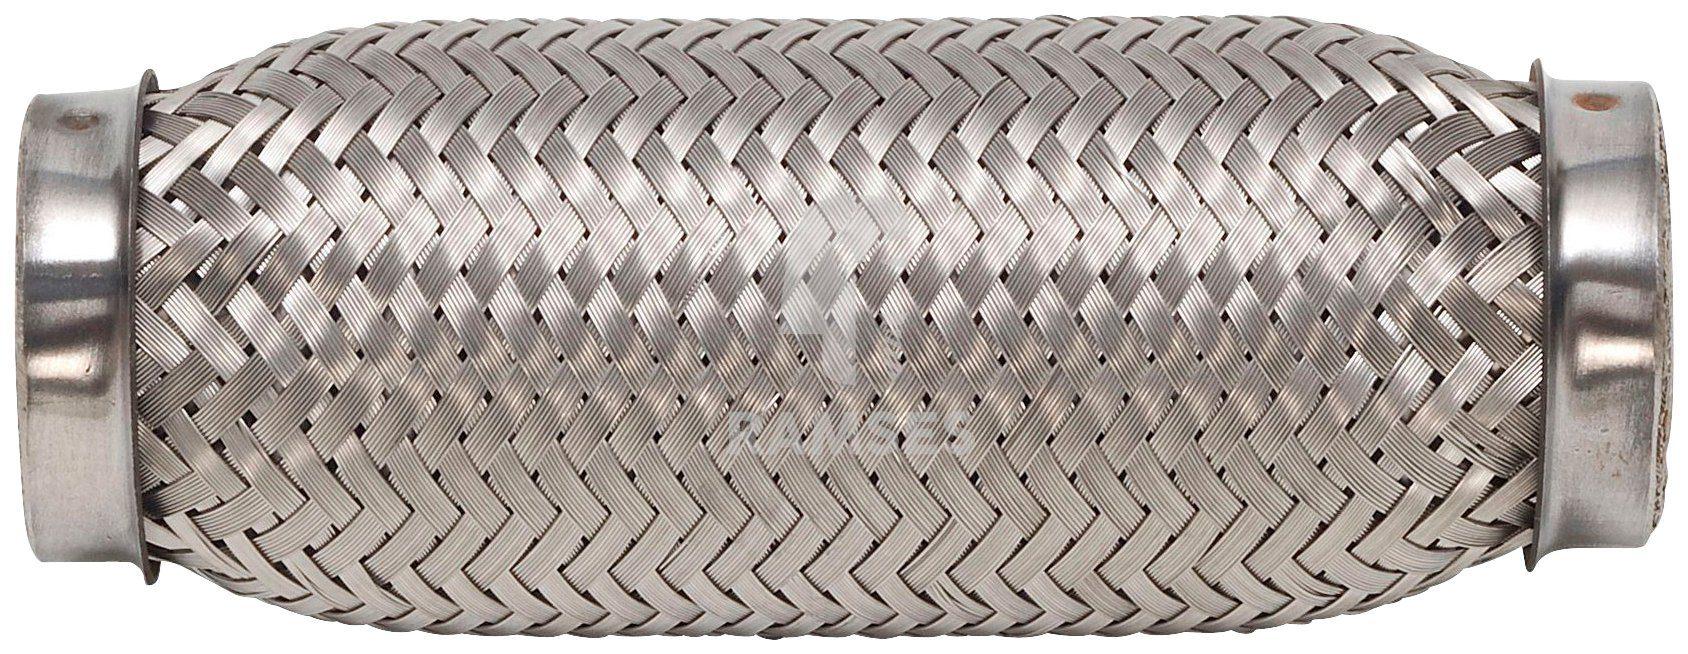 RAMSES Hosenrohr , 51 x 200 mm Edelstahl A2